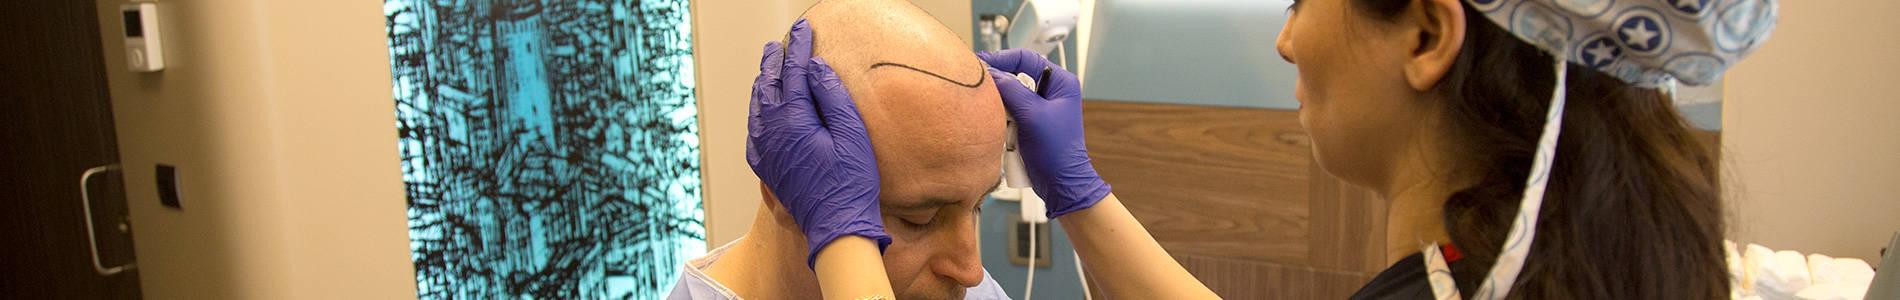 Przeszczep włosów w Stambule